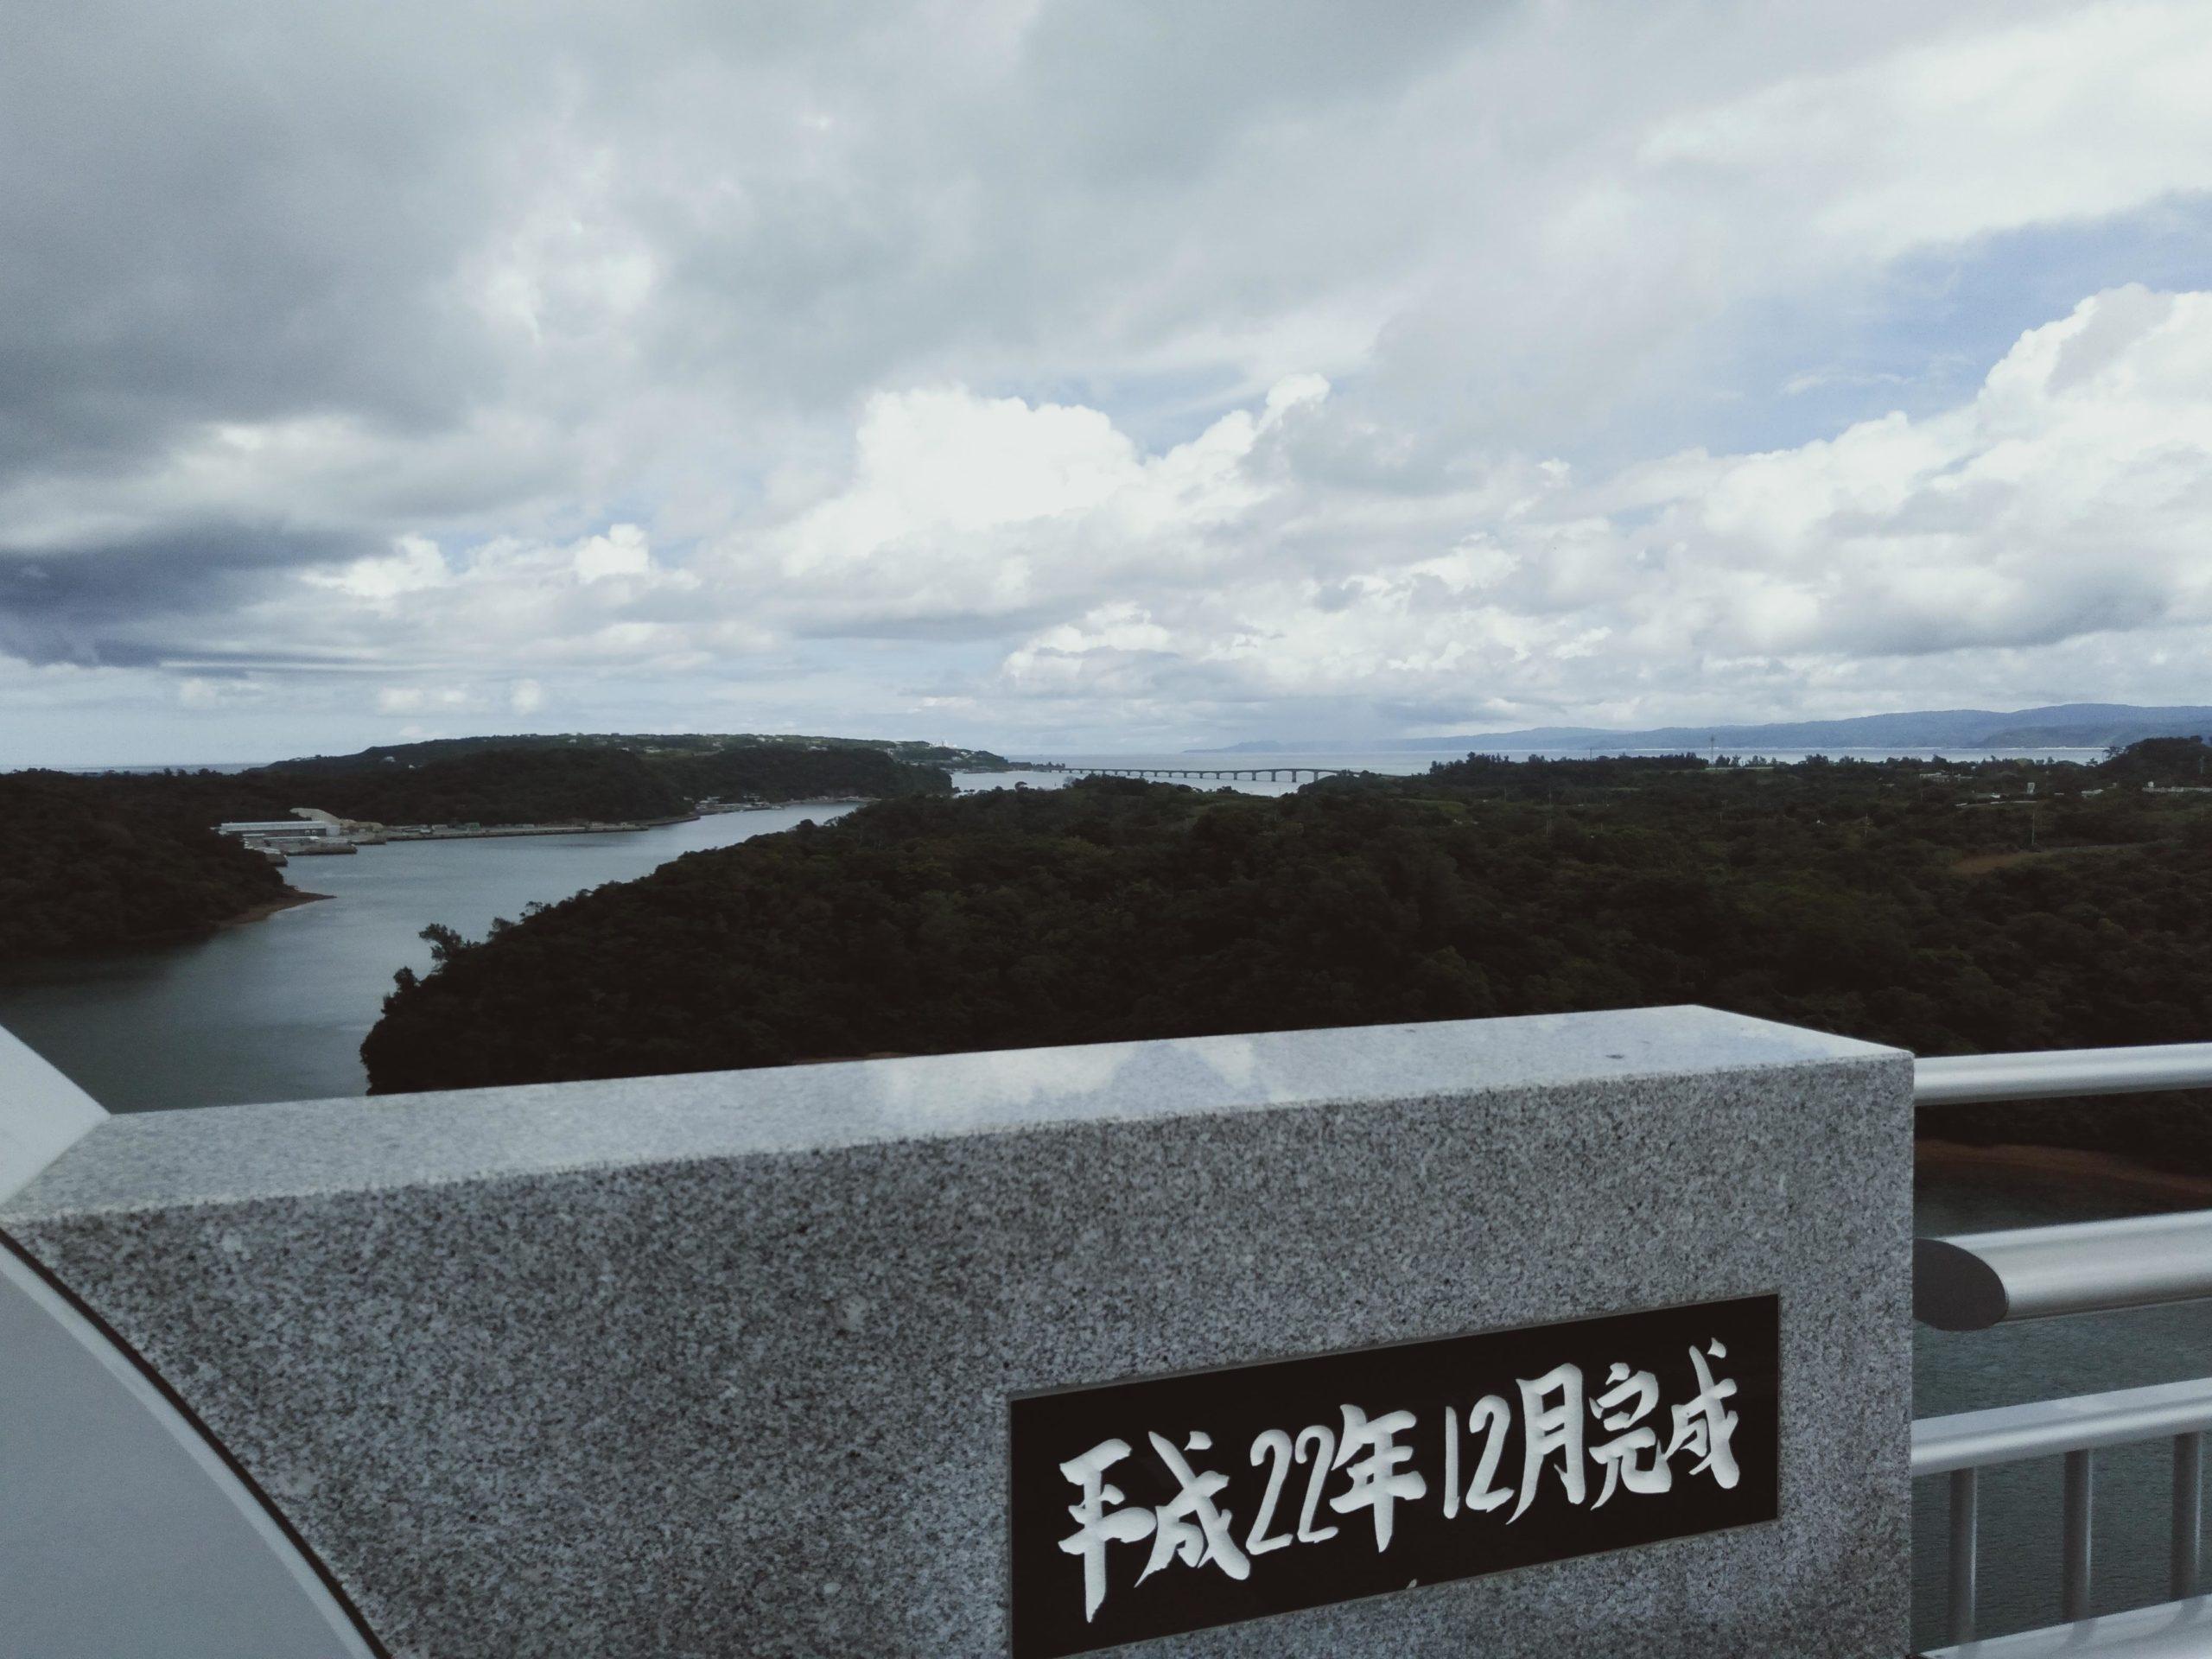 okinawa24-warumibridge1